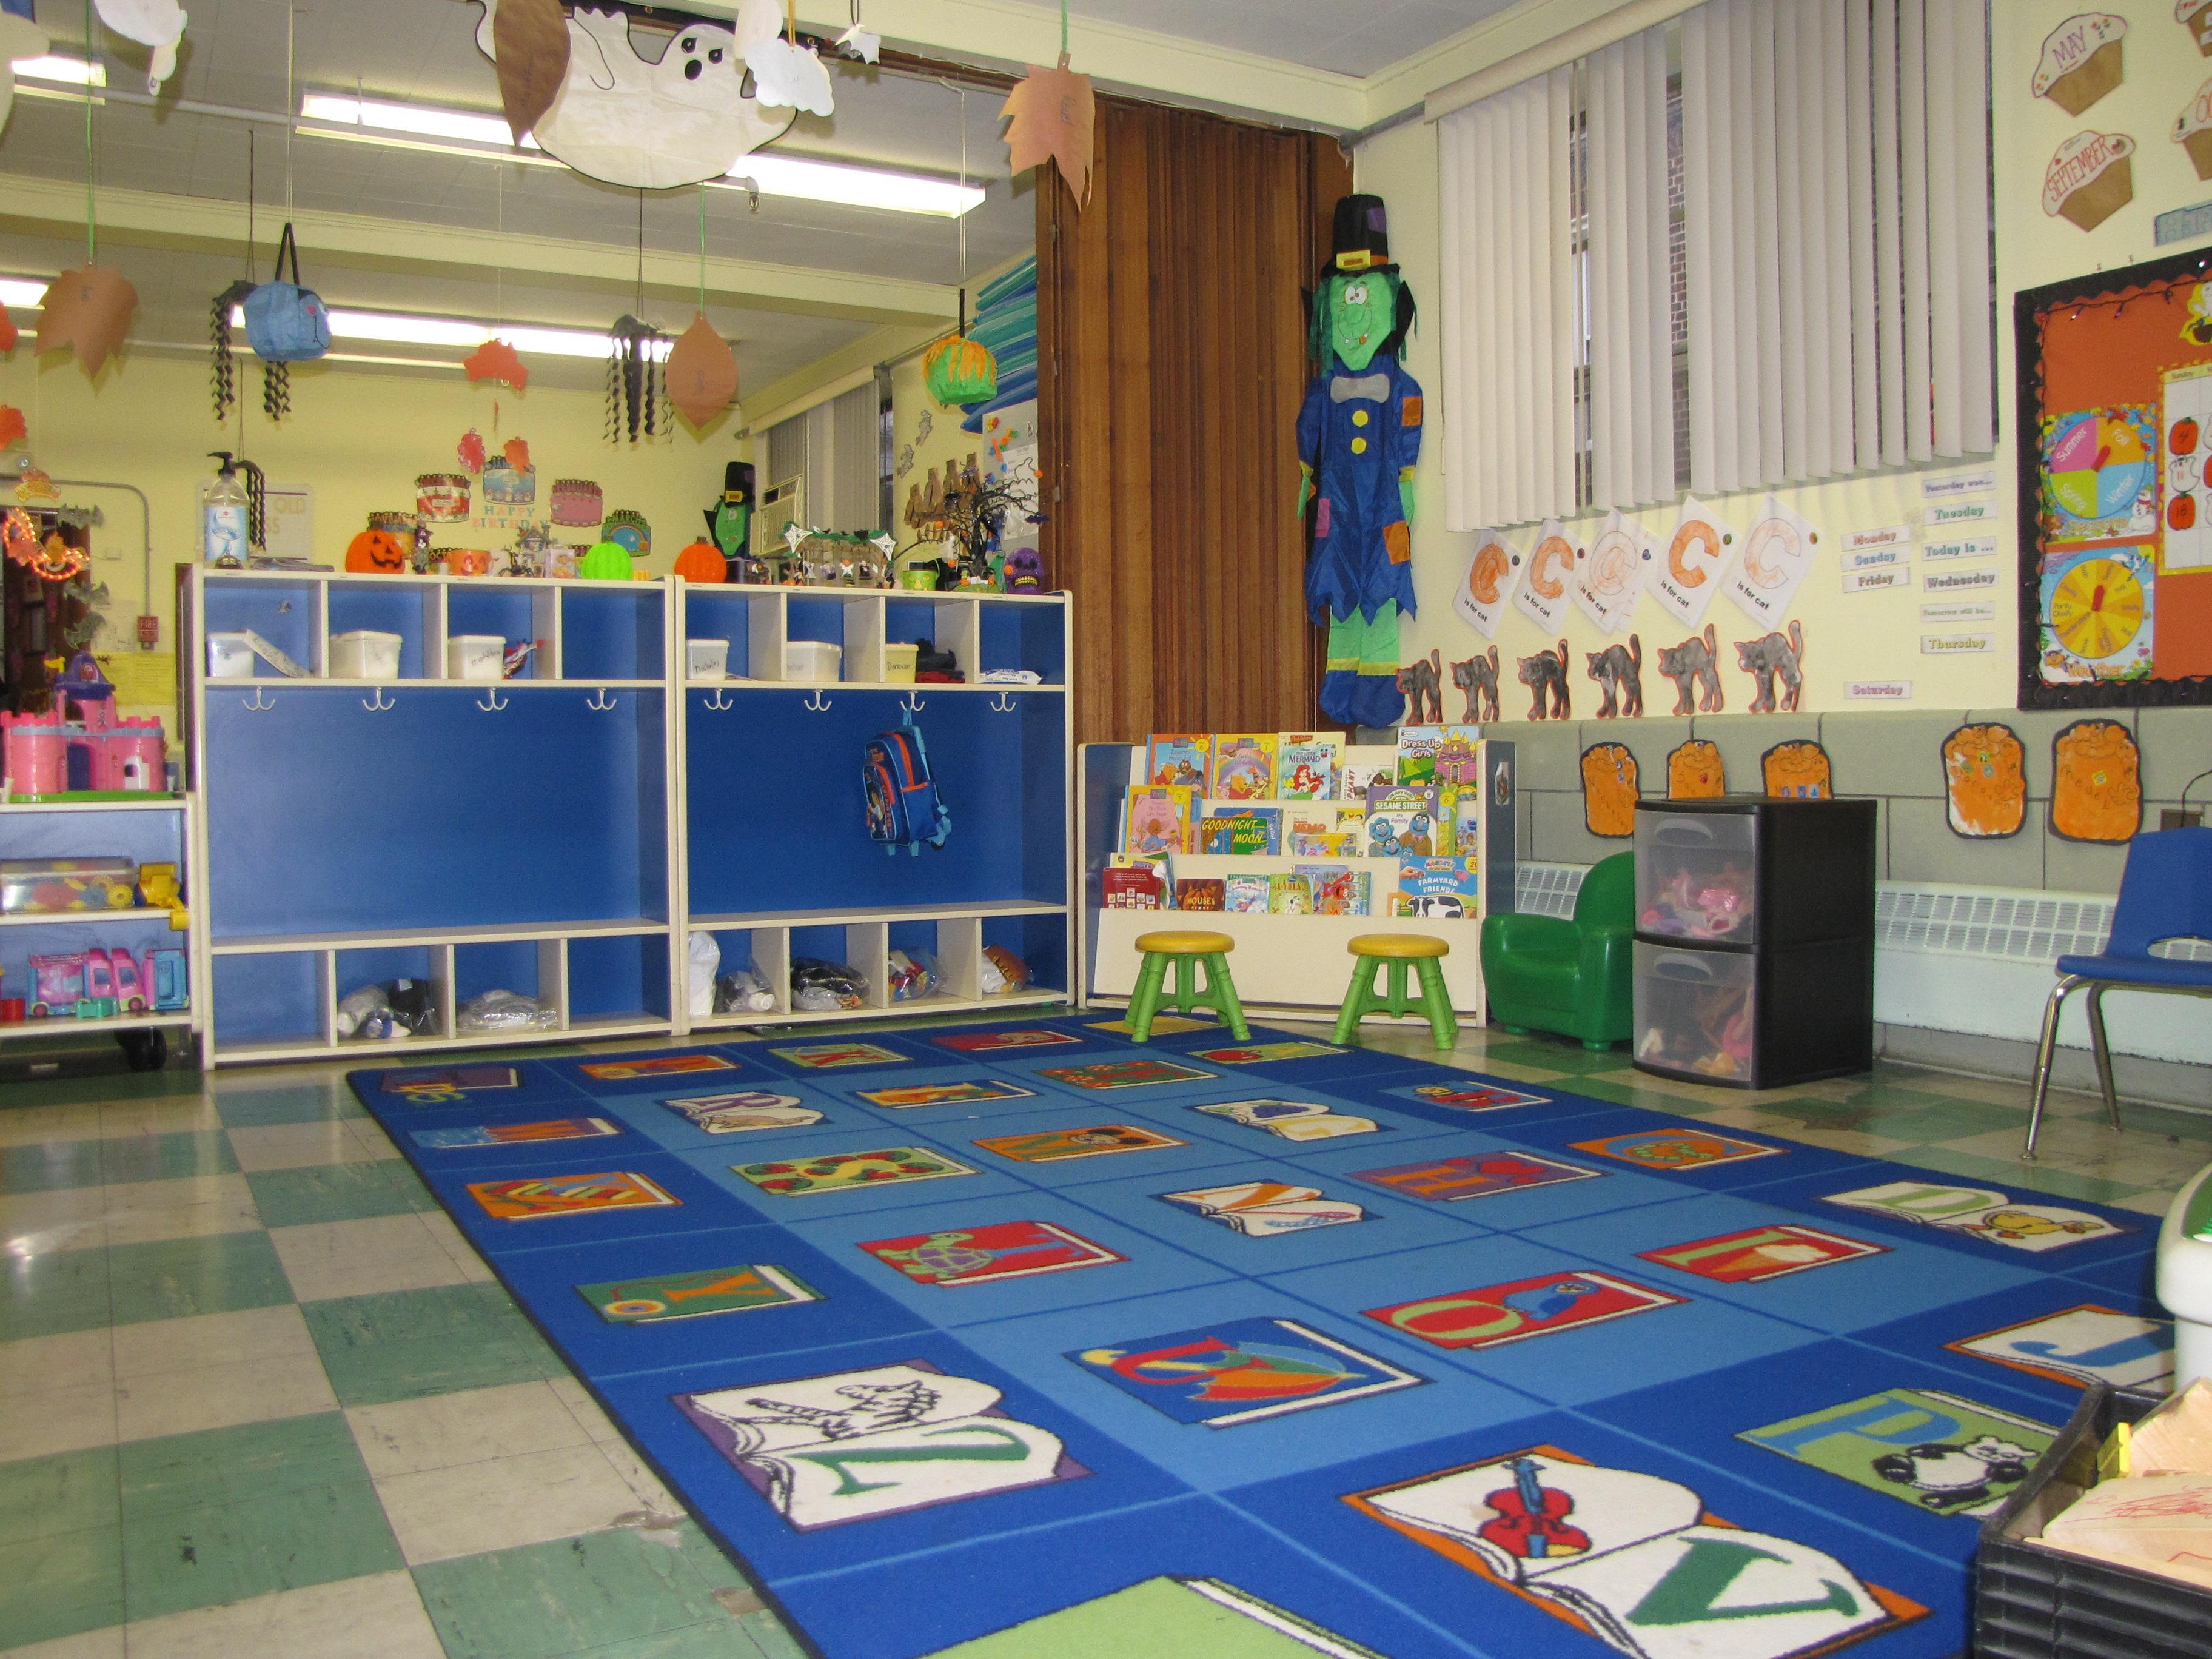 Children's Learning Center Inc